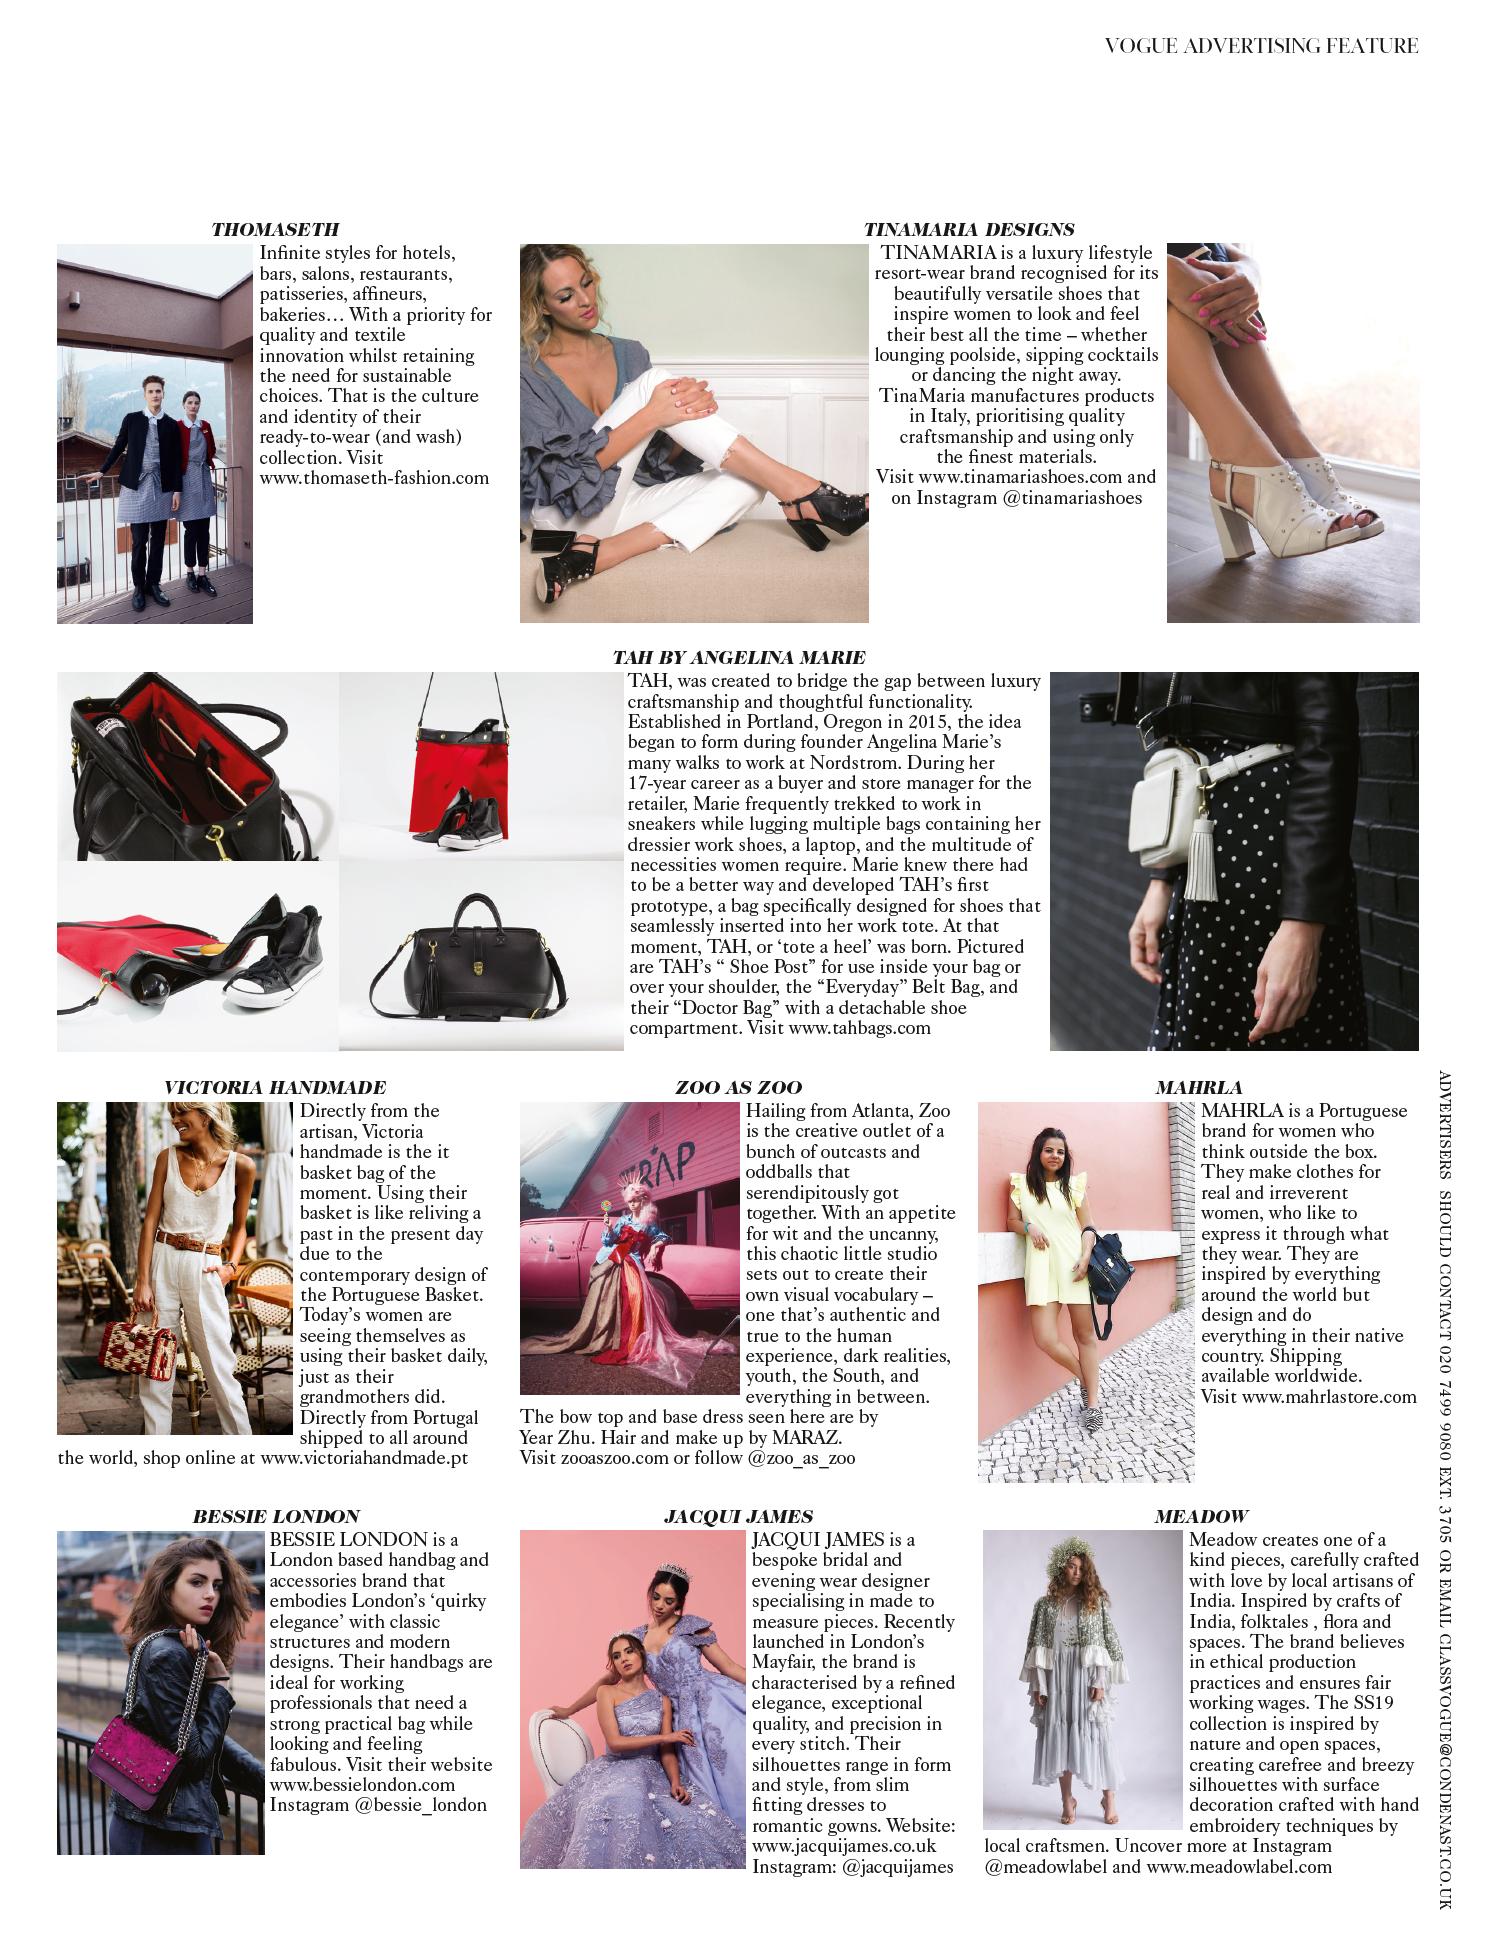 British Vogue August